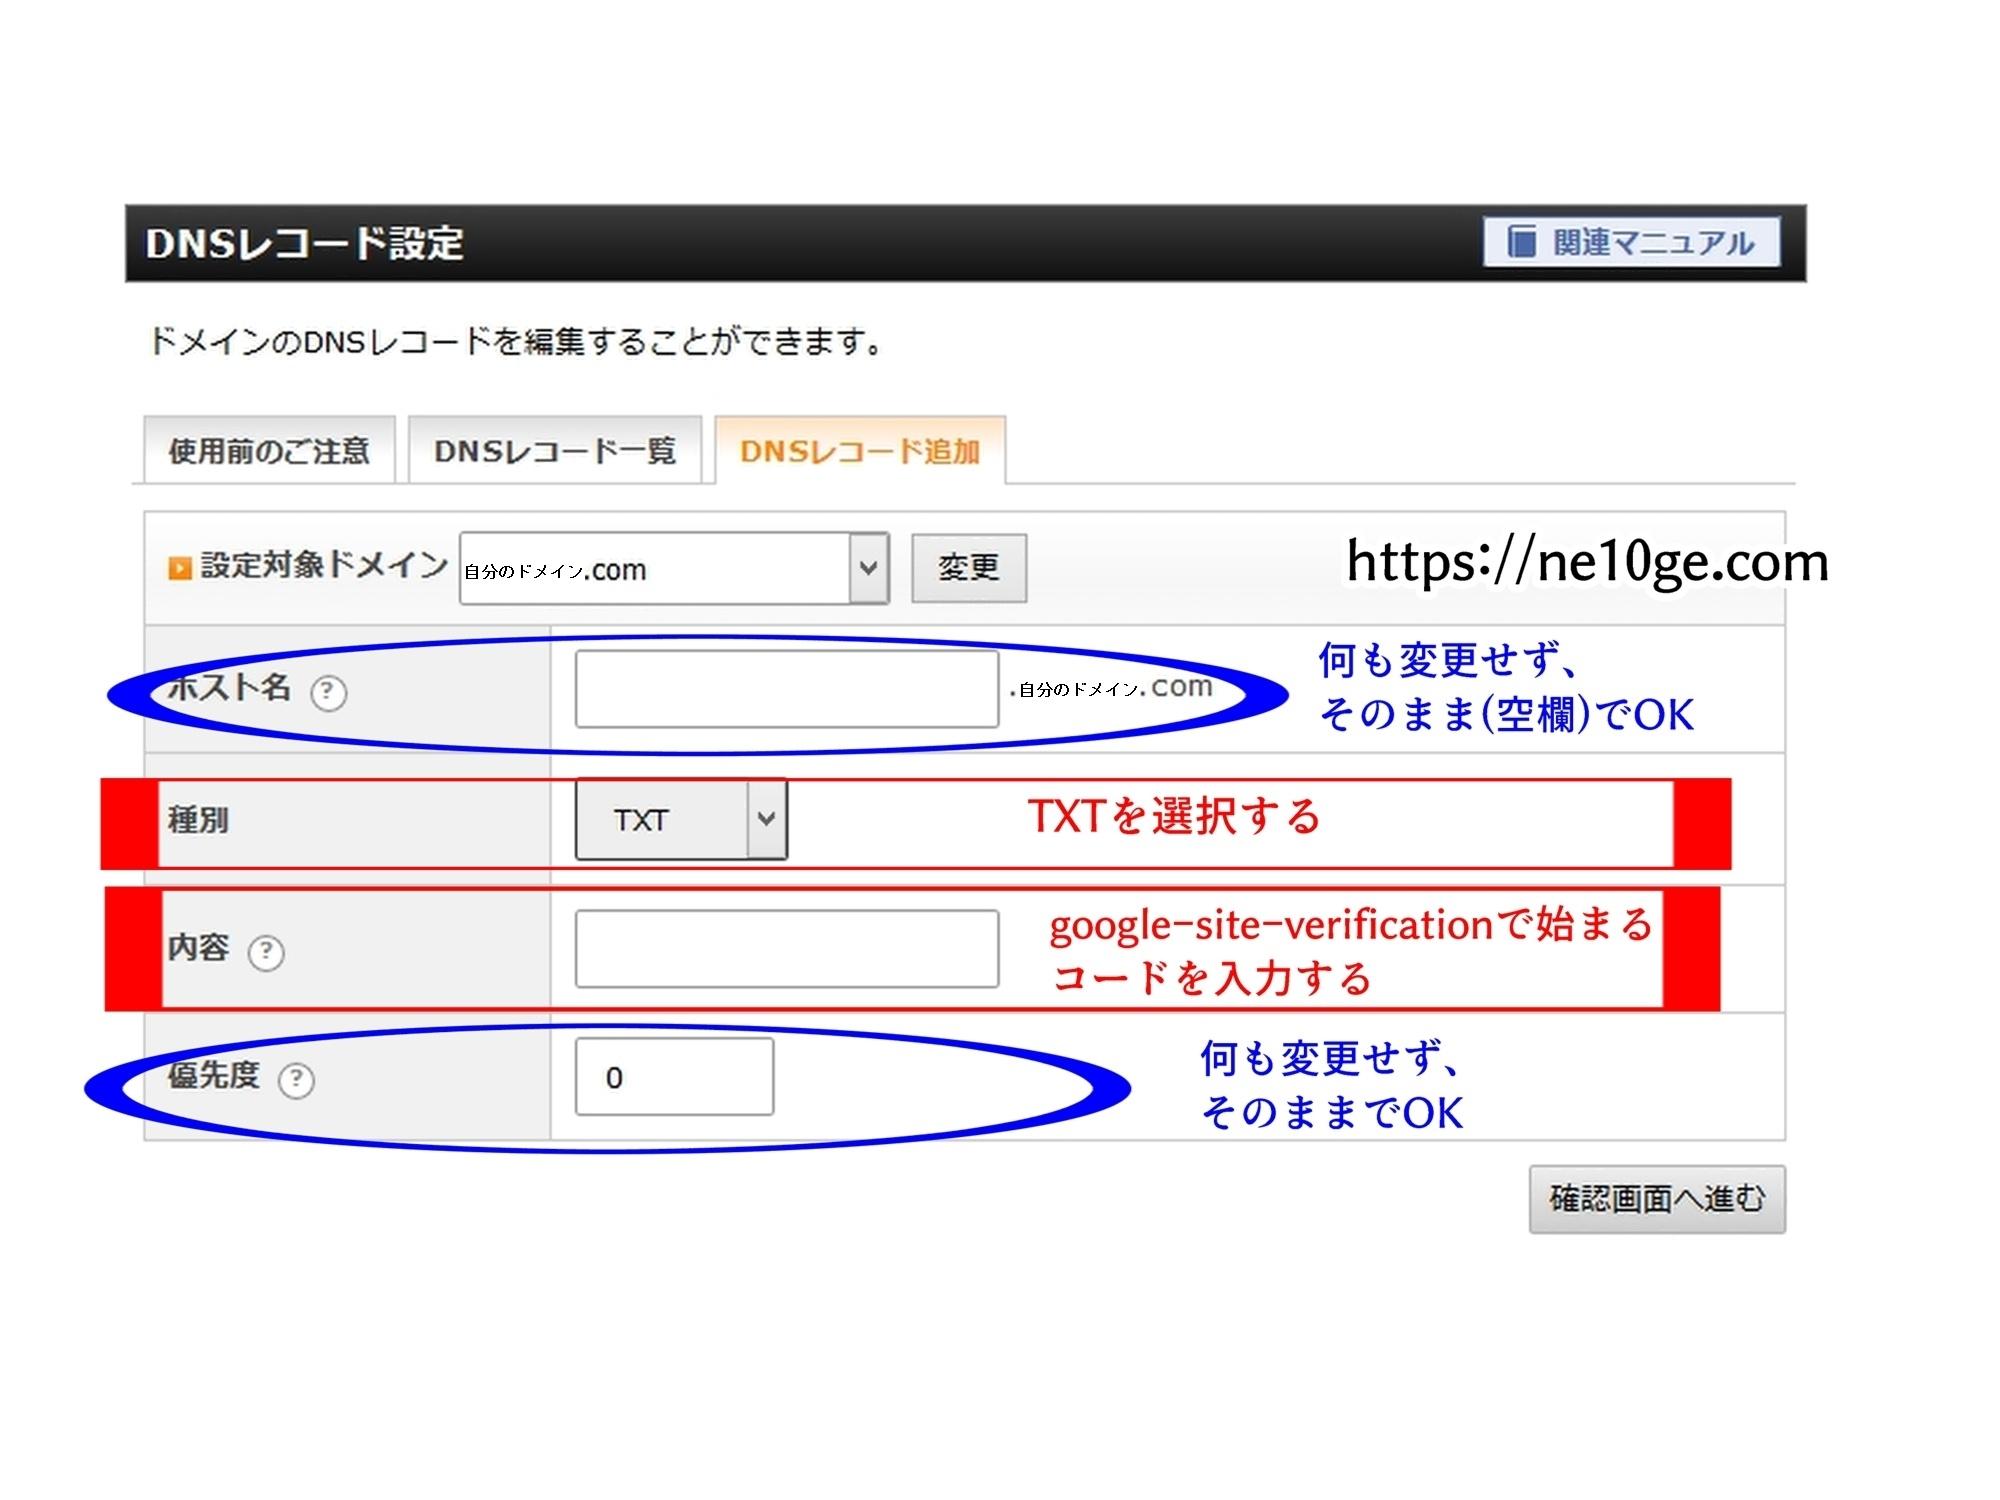 GoogleSearchConsoleにドメインプロパティで登録する際にエックスサーバーのDNSレコード設定での記述方法